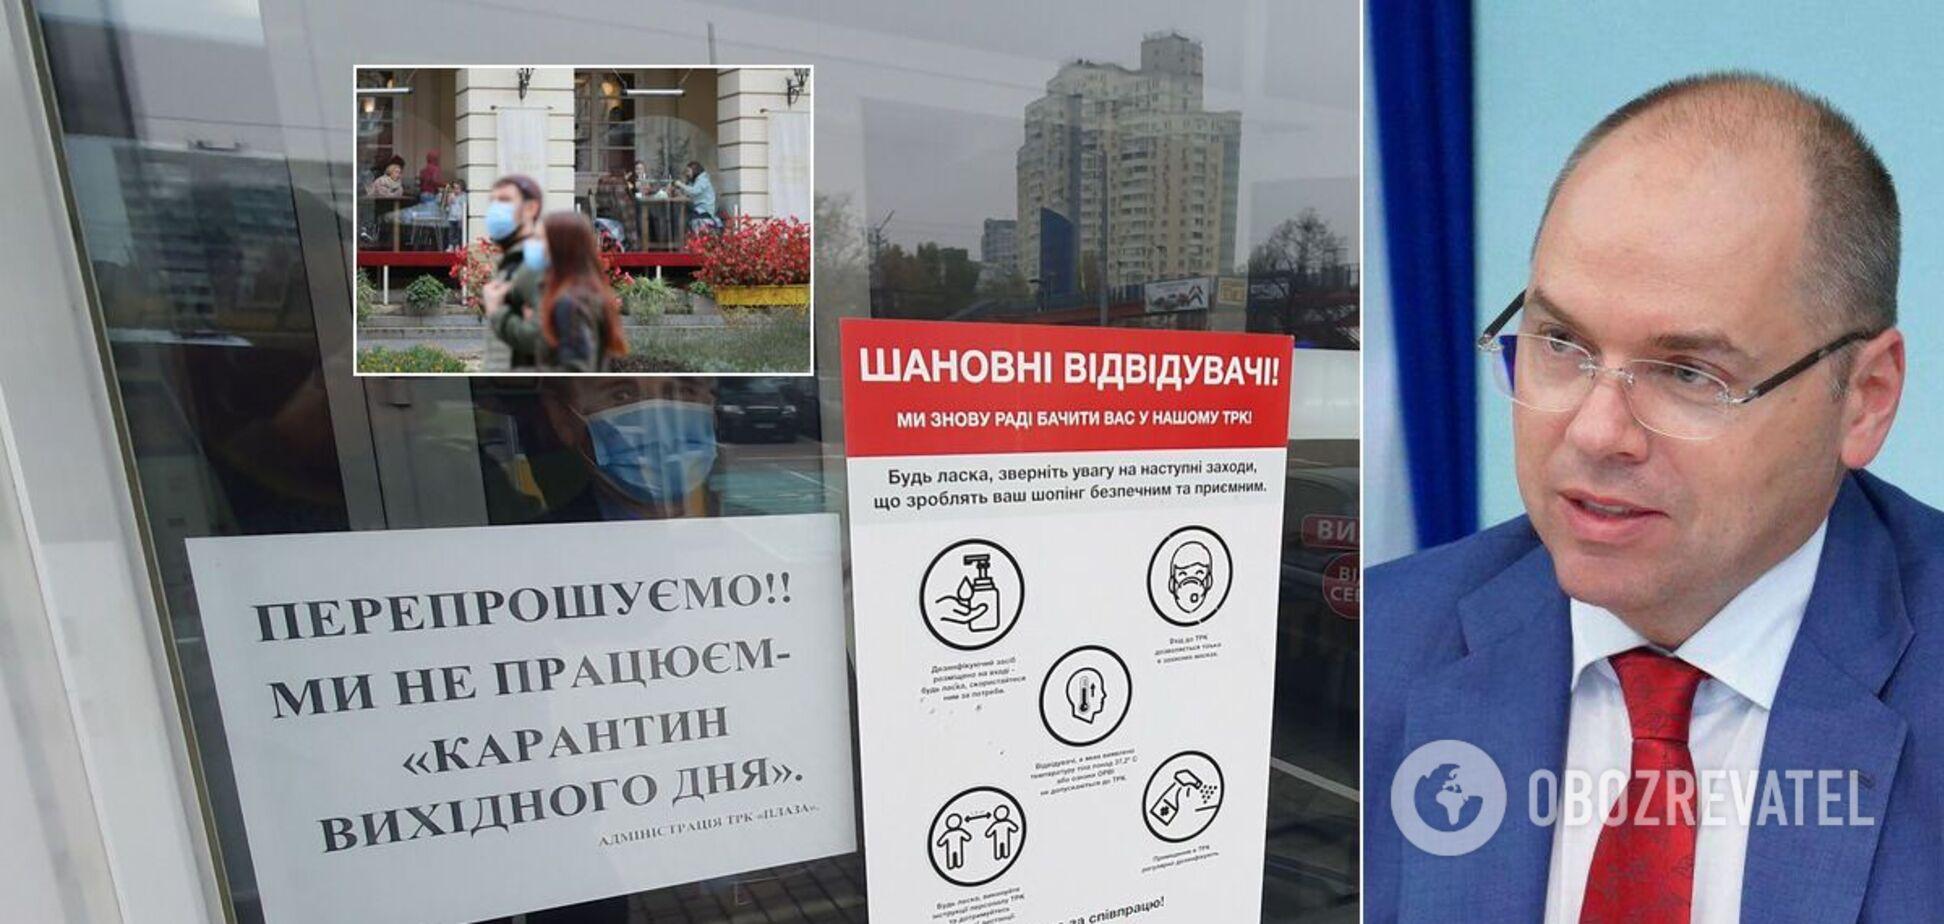 Карантин выходного дня в Украине